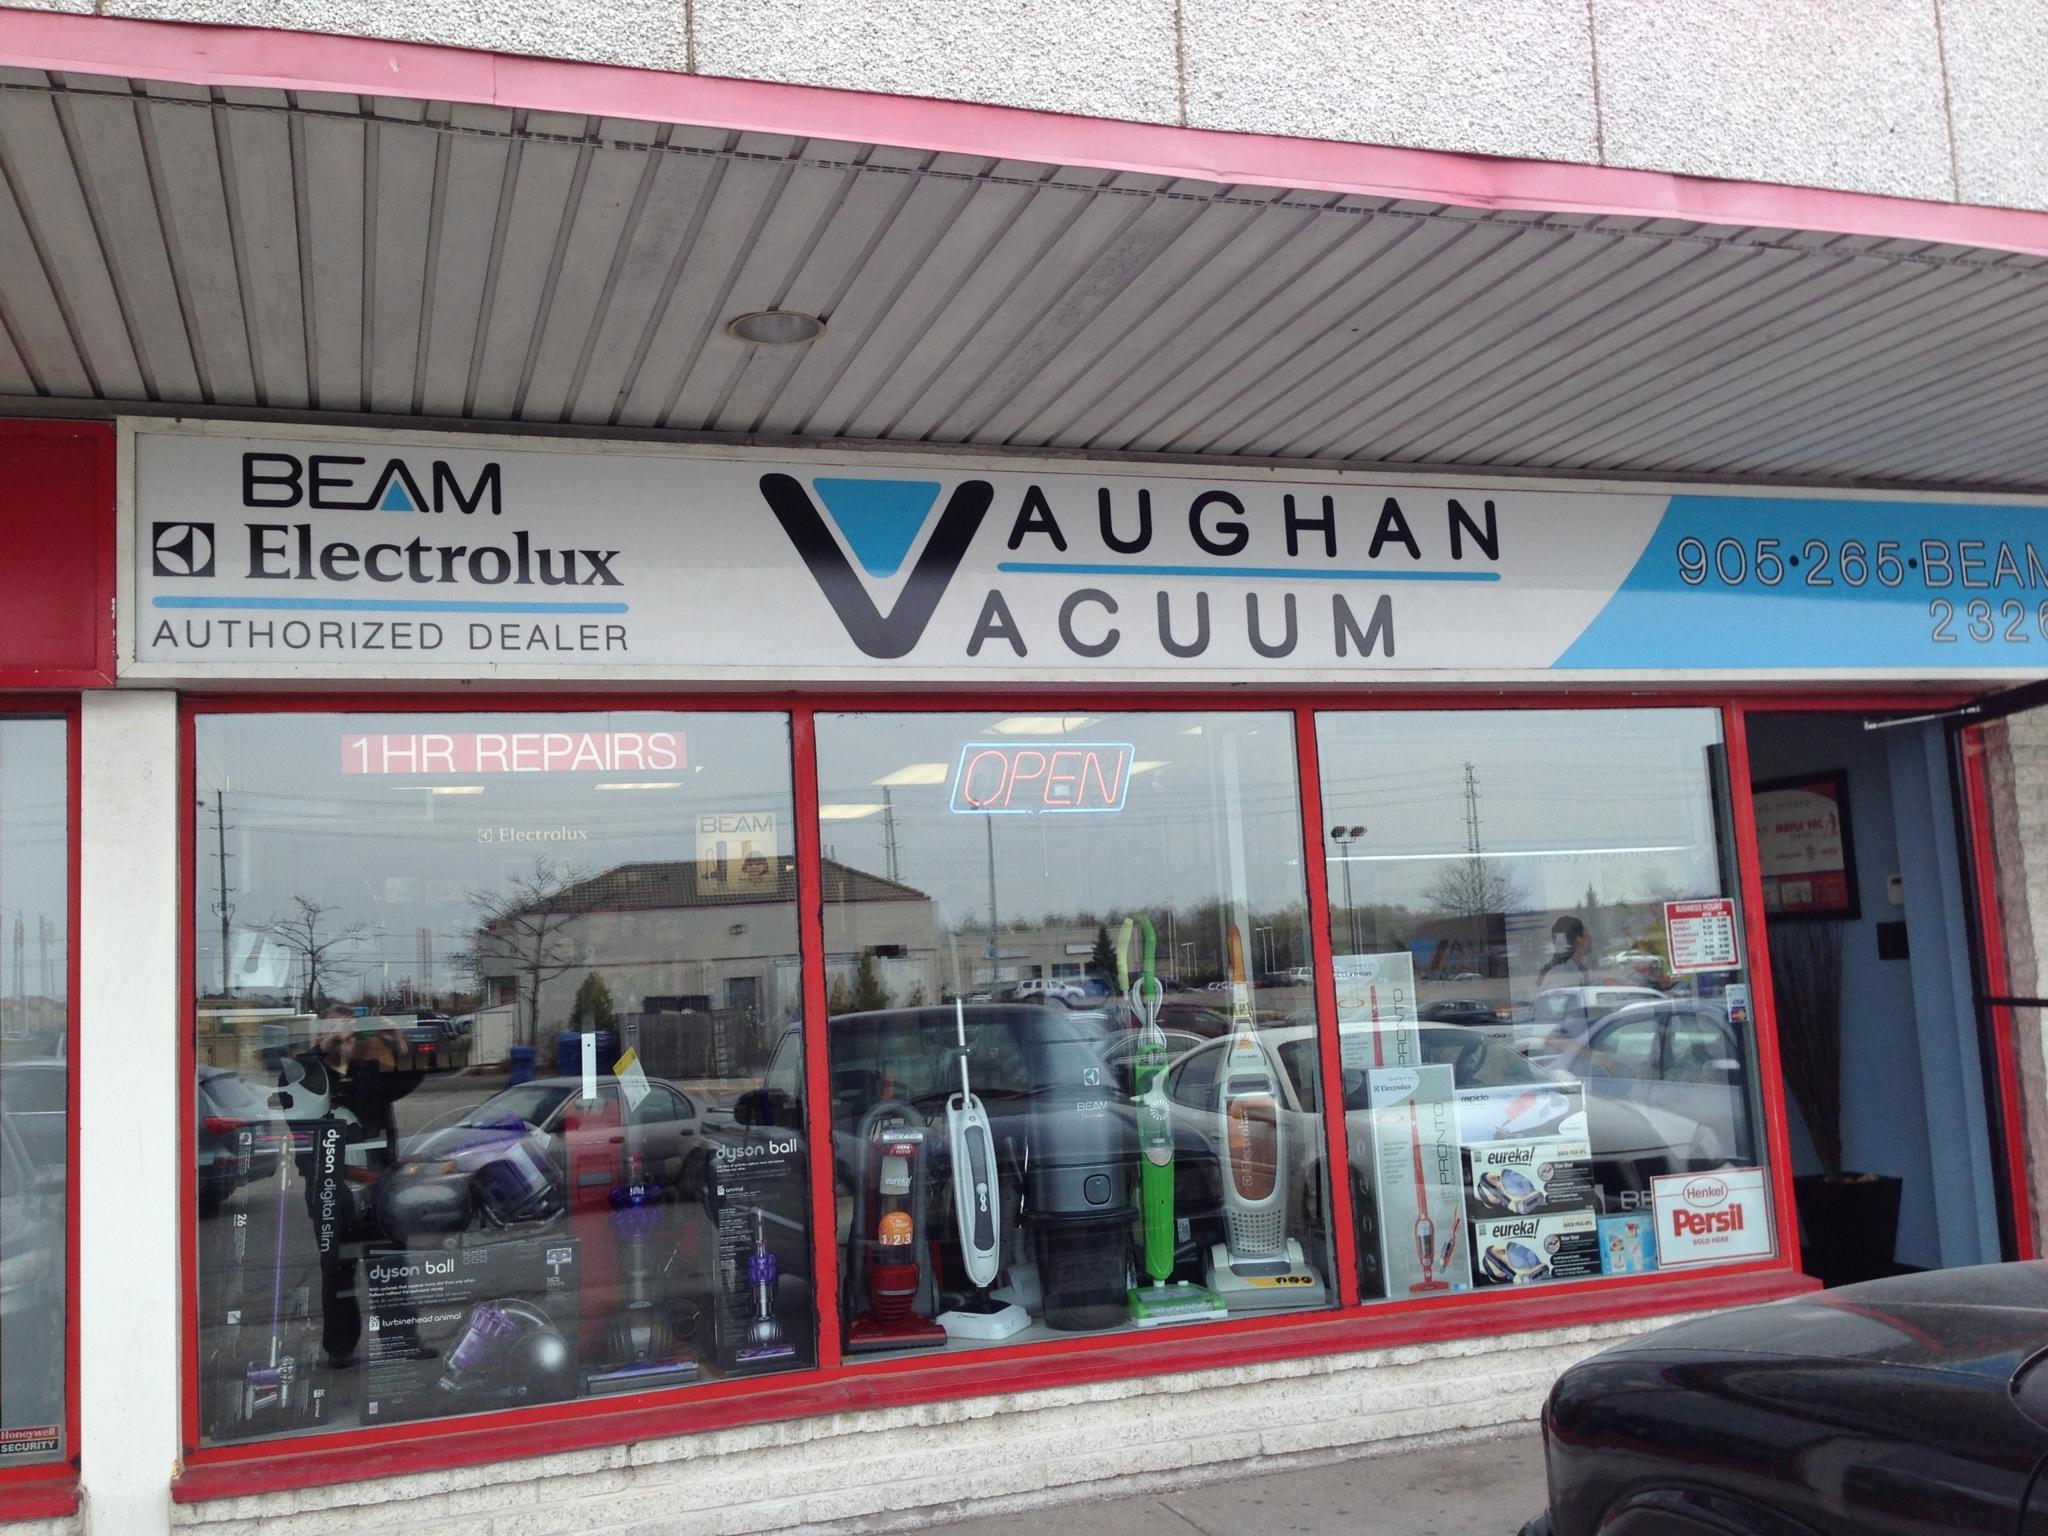 Vaughan Vacuum Woodbridge (905)265-2326